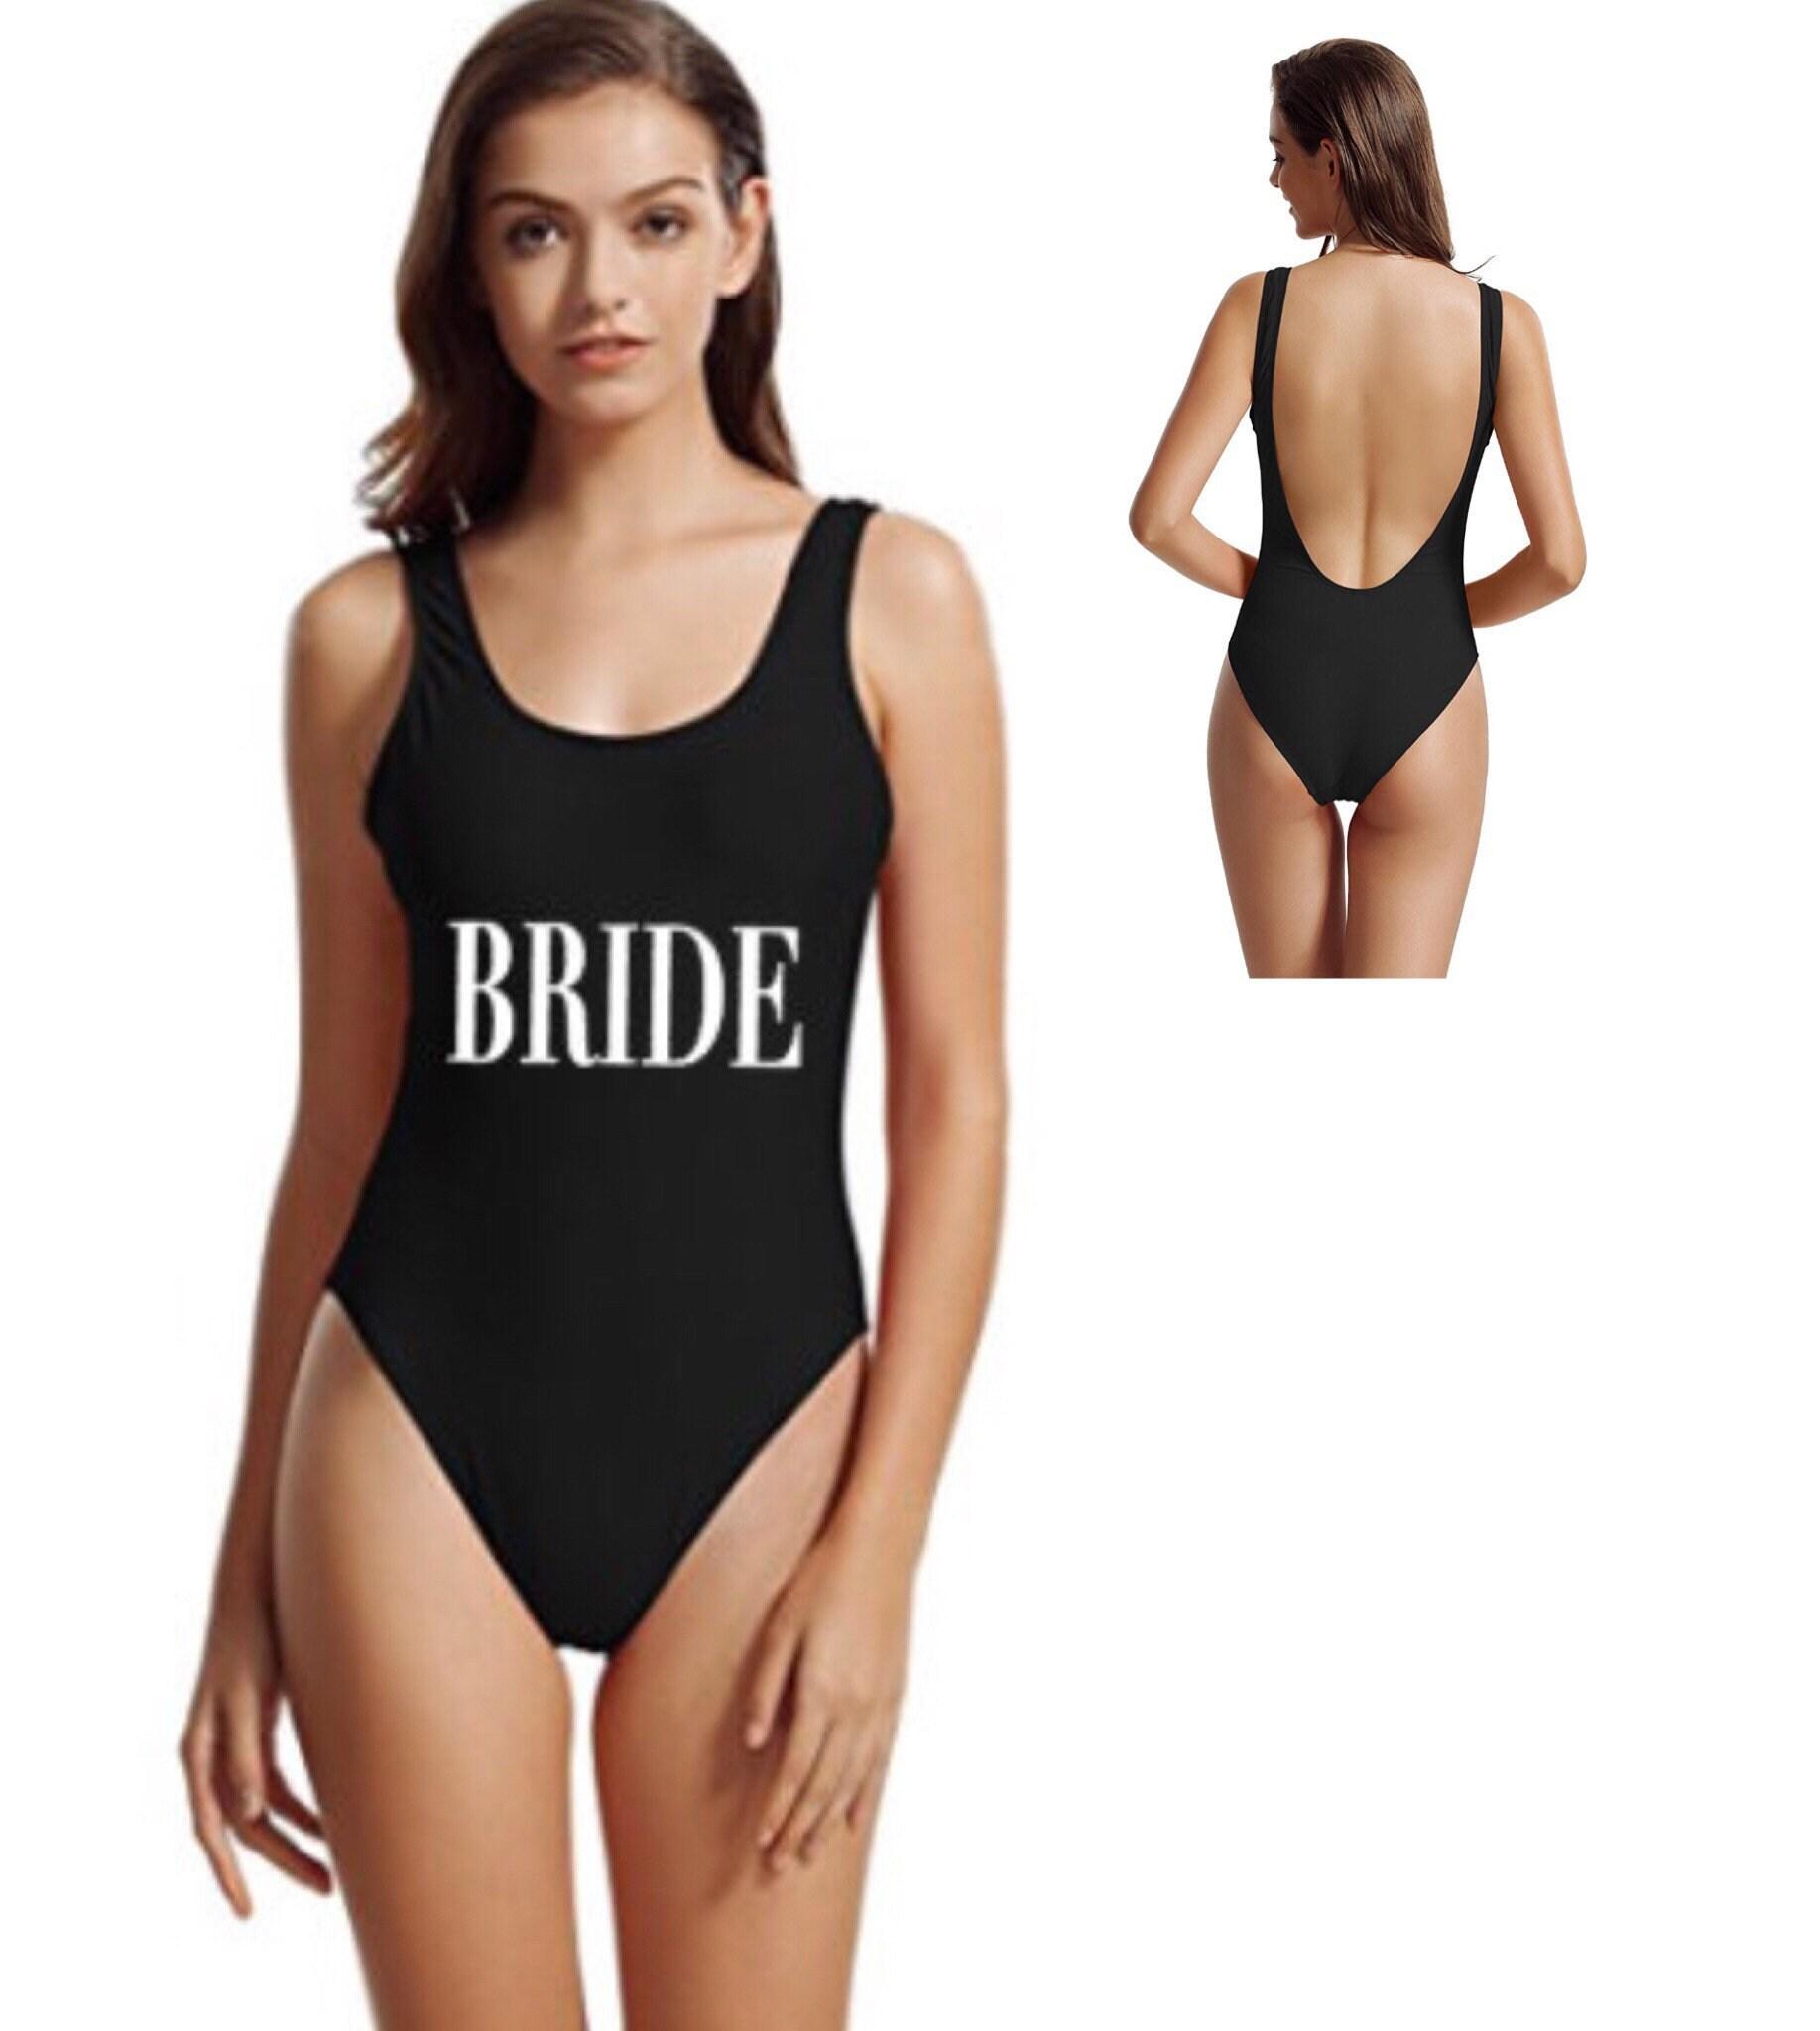 Bride One Piece Bathing Suit: Bride Swimsuit. Bride Swim. Bride Suit. Bride One Piece